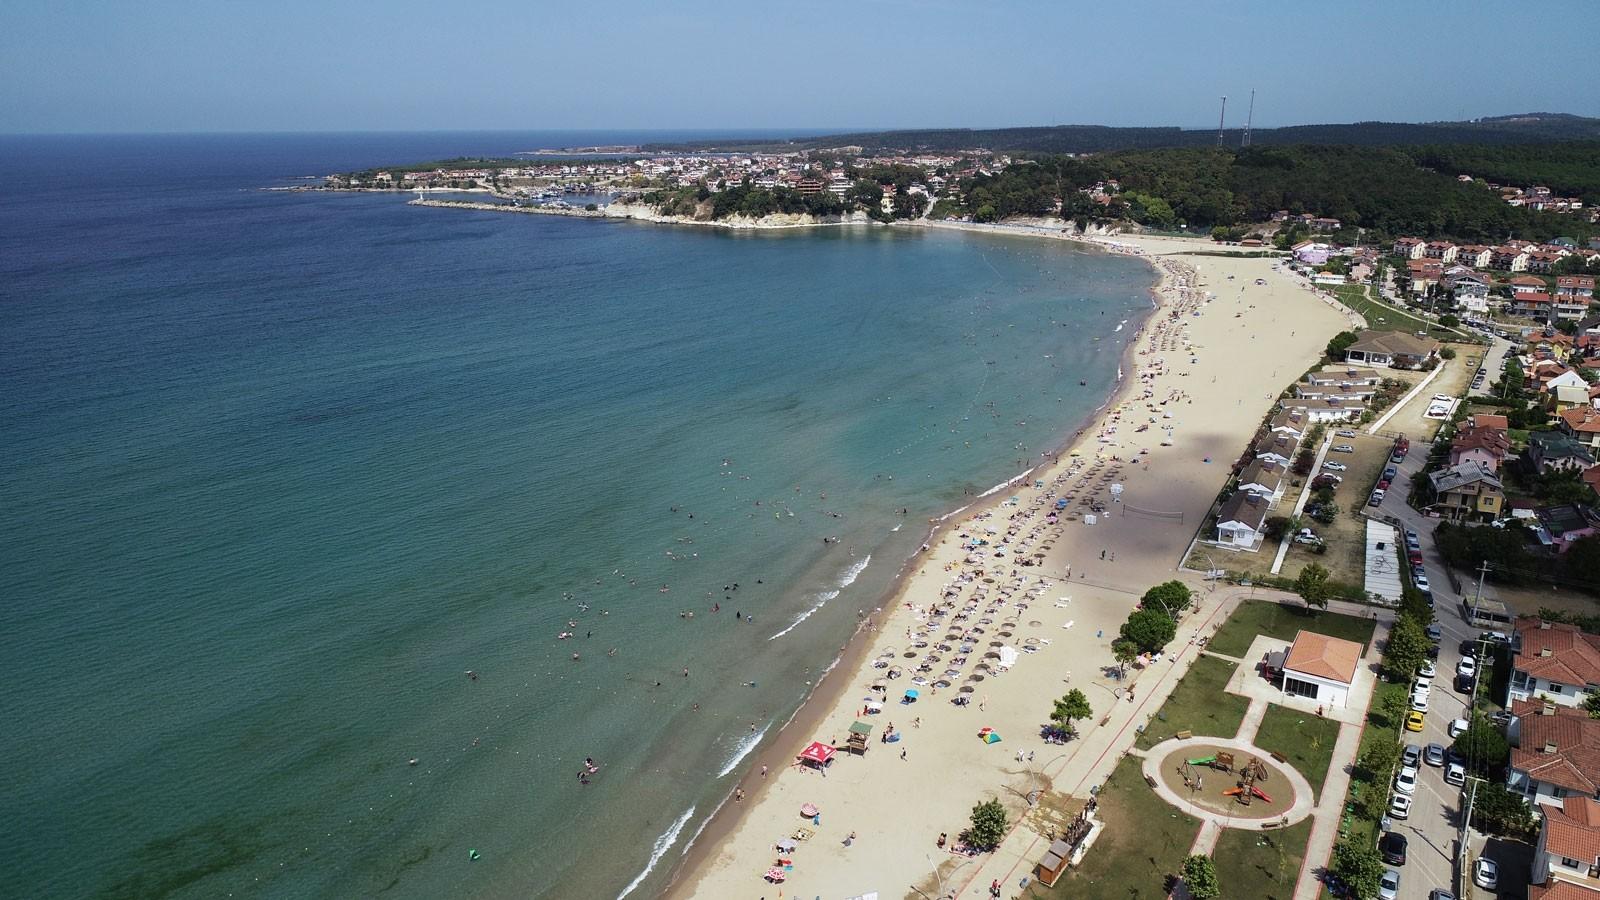 Кристально чистая вода, живописные бухты, песчаные пляжи: 459 пляжей в Турции получили «Голубой флаг»